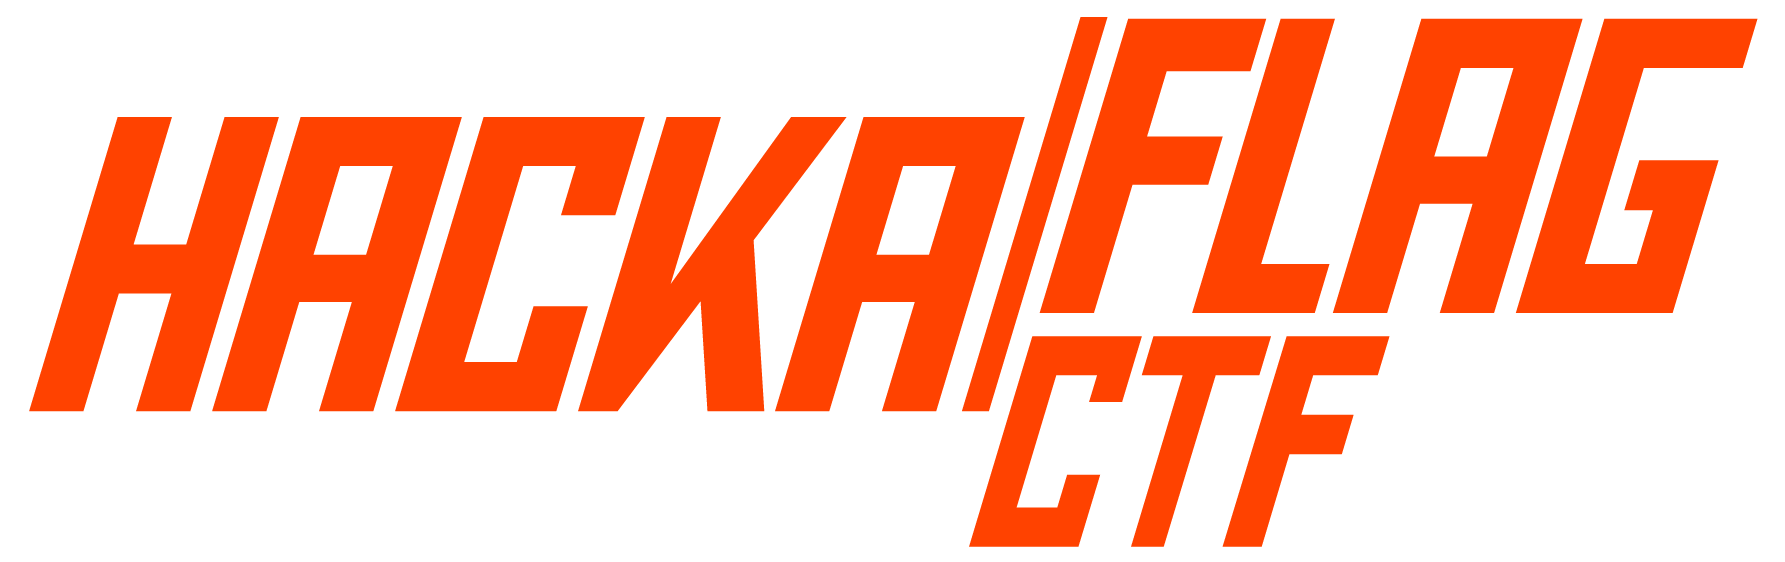 Logo Hackaflag CTF vermelho.png